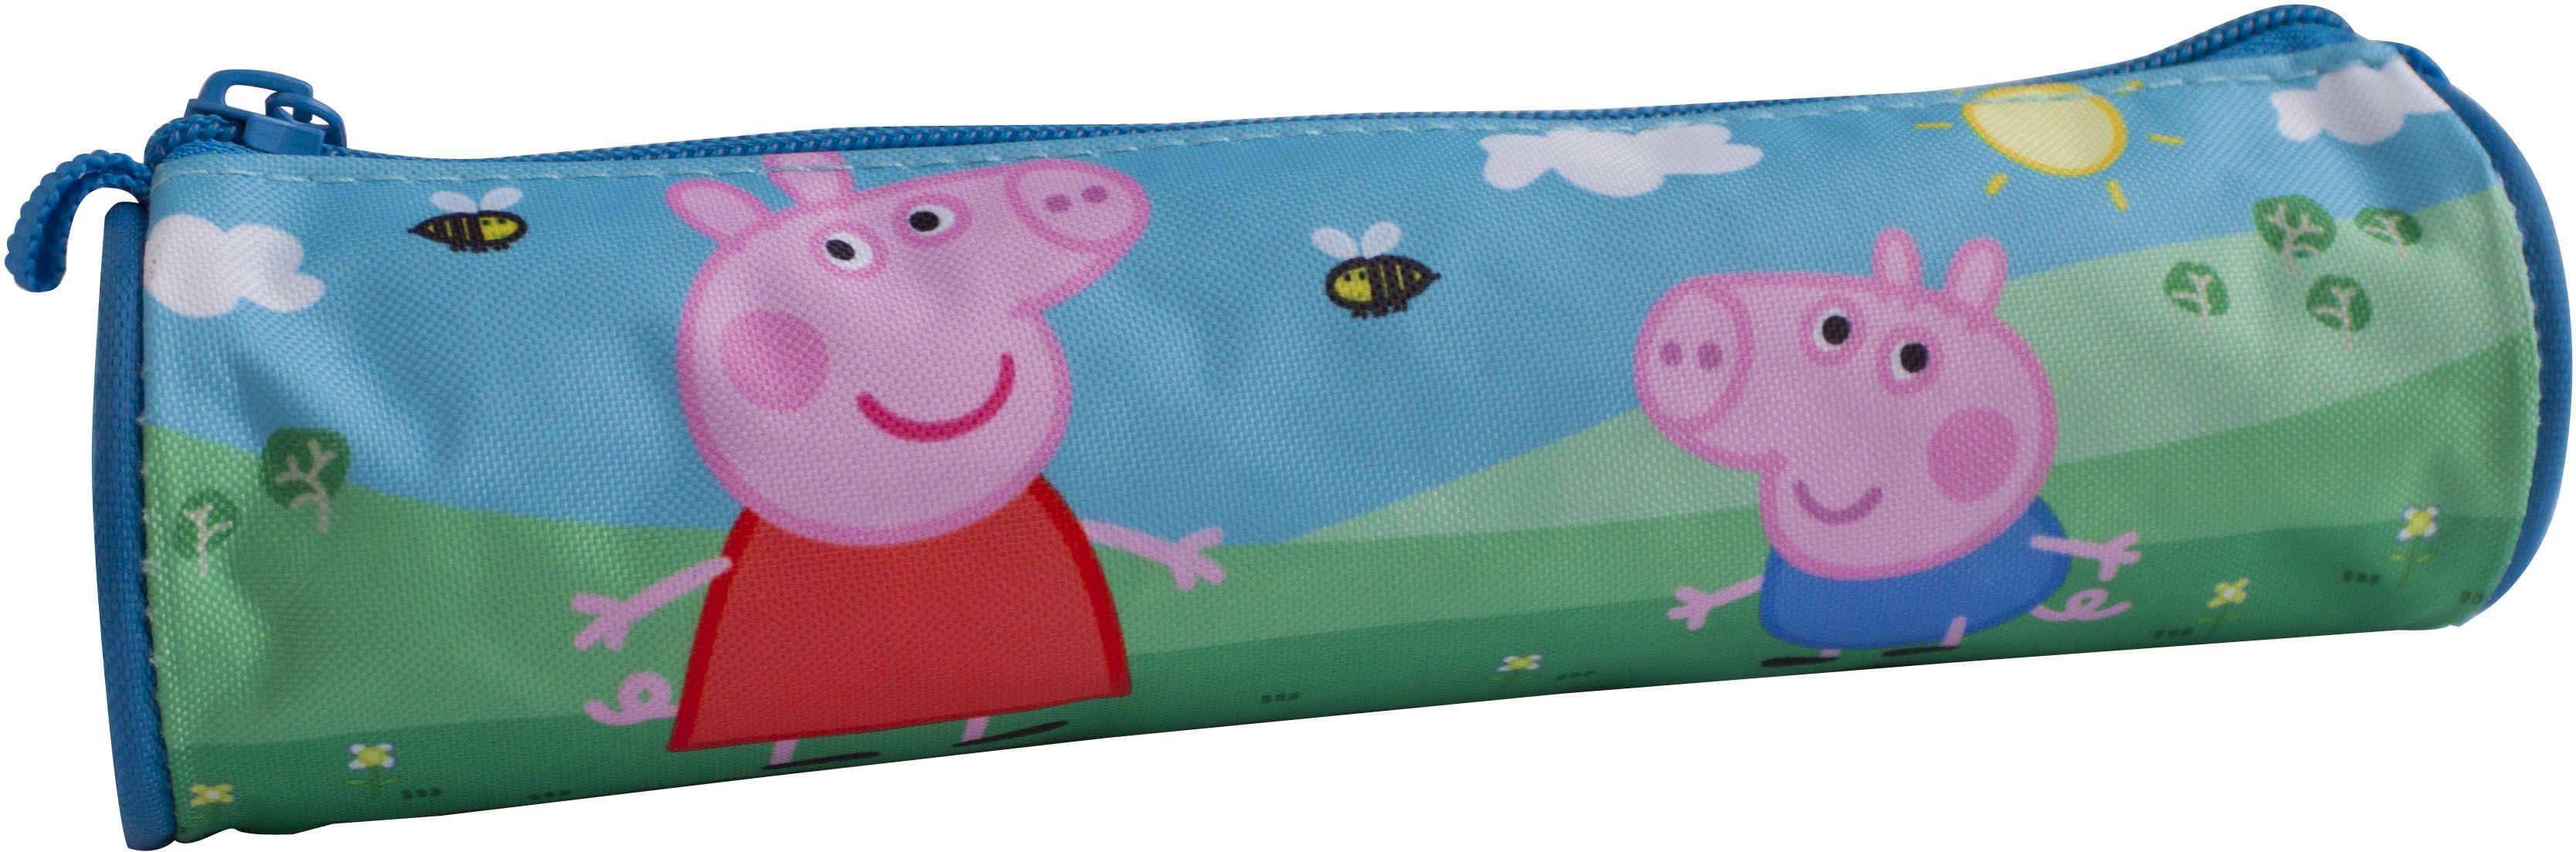 Купить со скидкой Пенал-тубус Свинка Пеппа